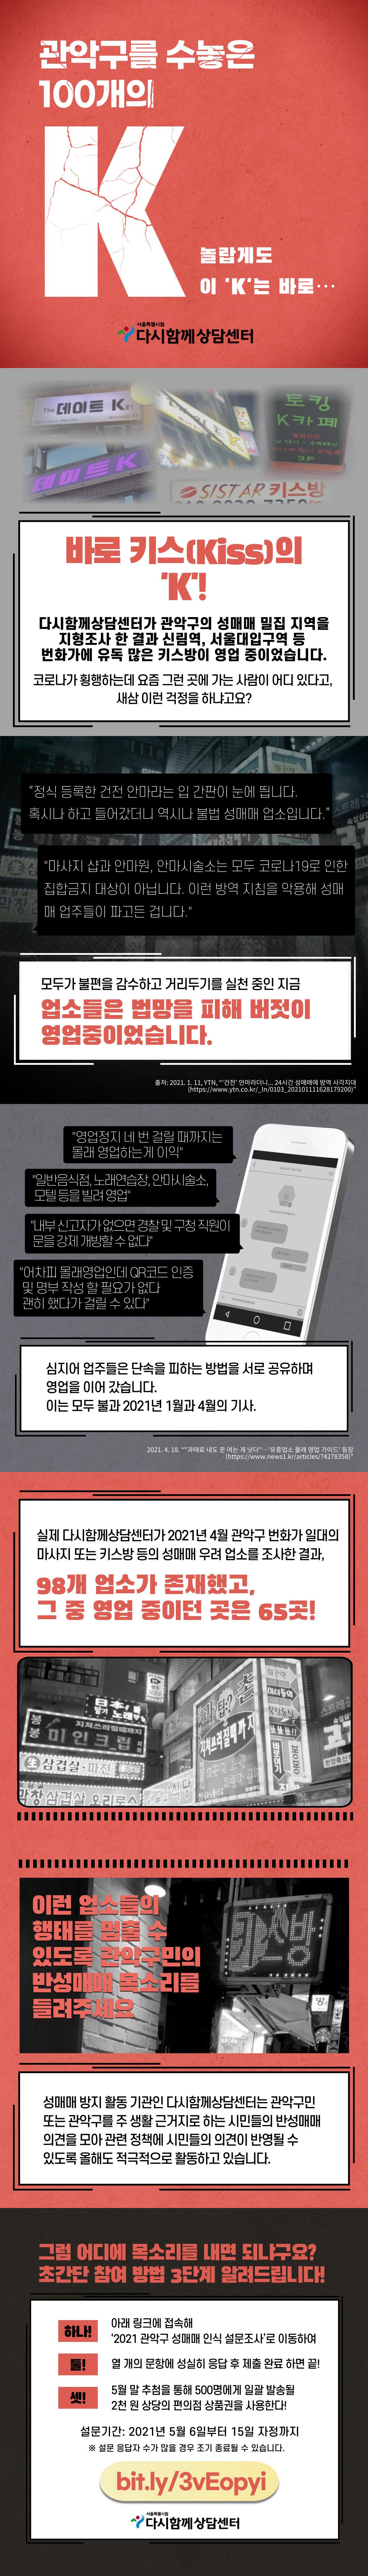 2021관악구설문조사홍보카드뉴스.jpg